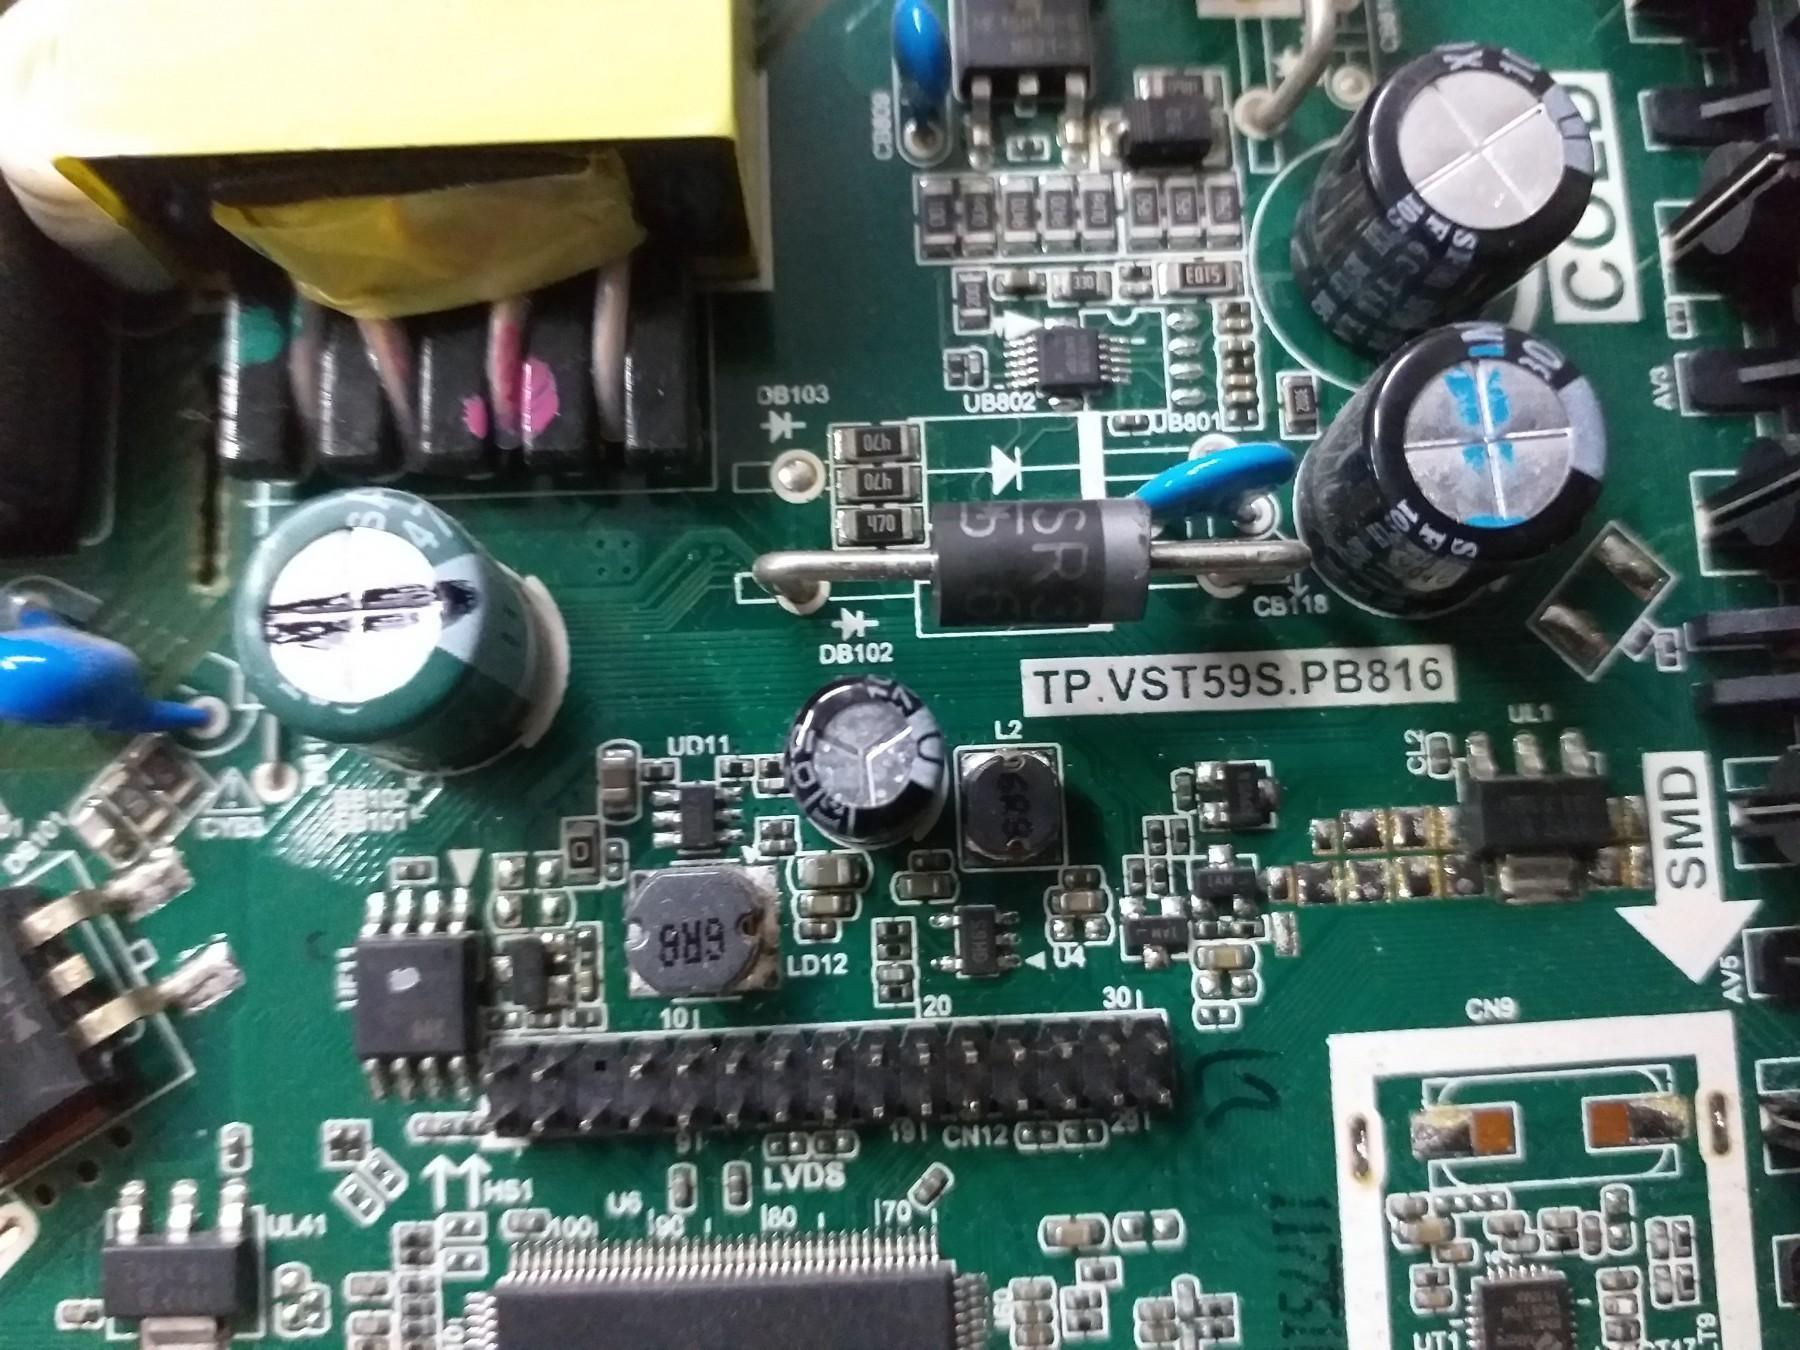 TP VST59S PB801, brtv/0 - Kupindo com (56698151)